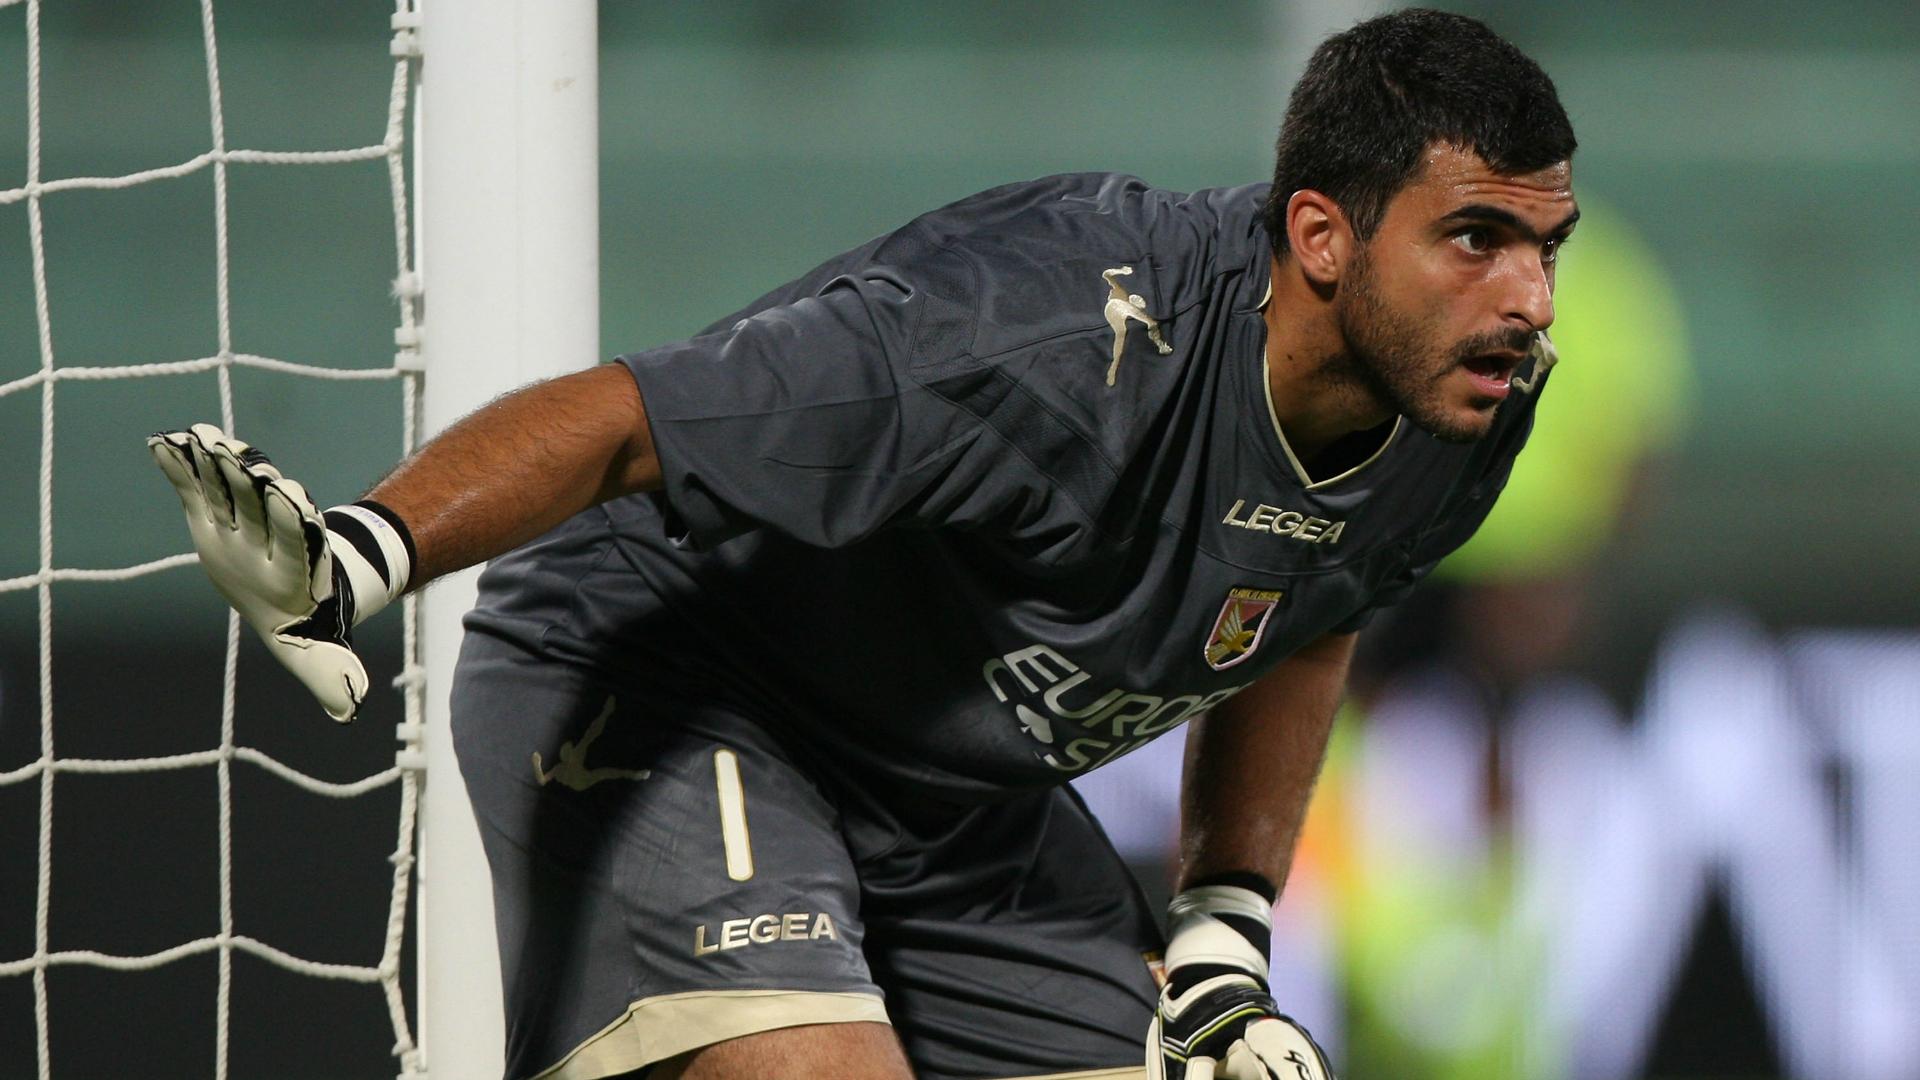 Avaí acerta a contratação de Rubinho, goleiro ex-Genoa e Juventus